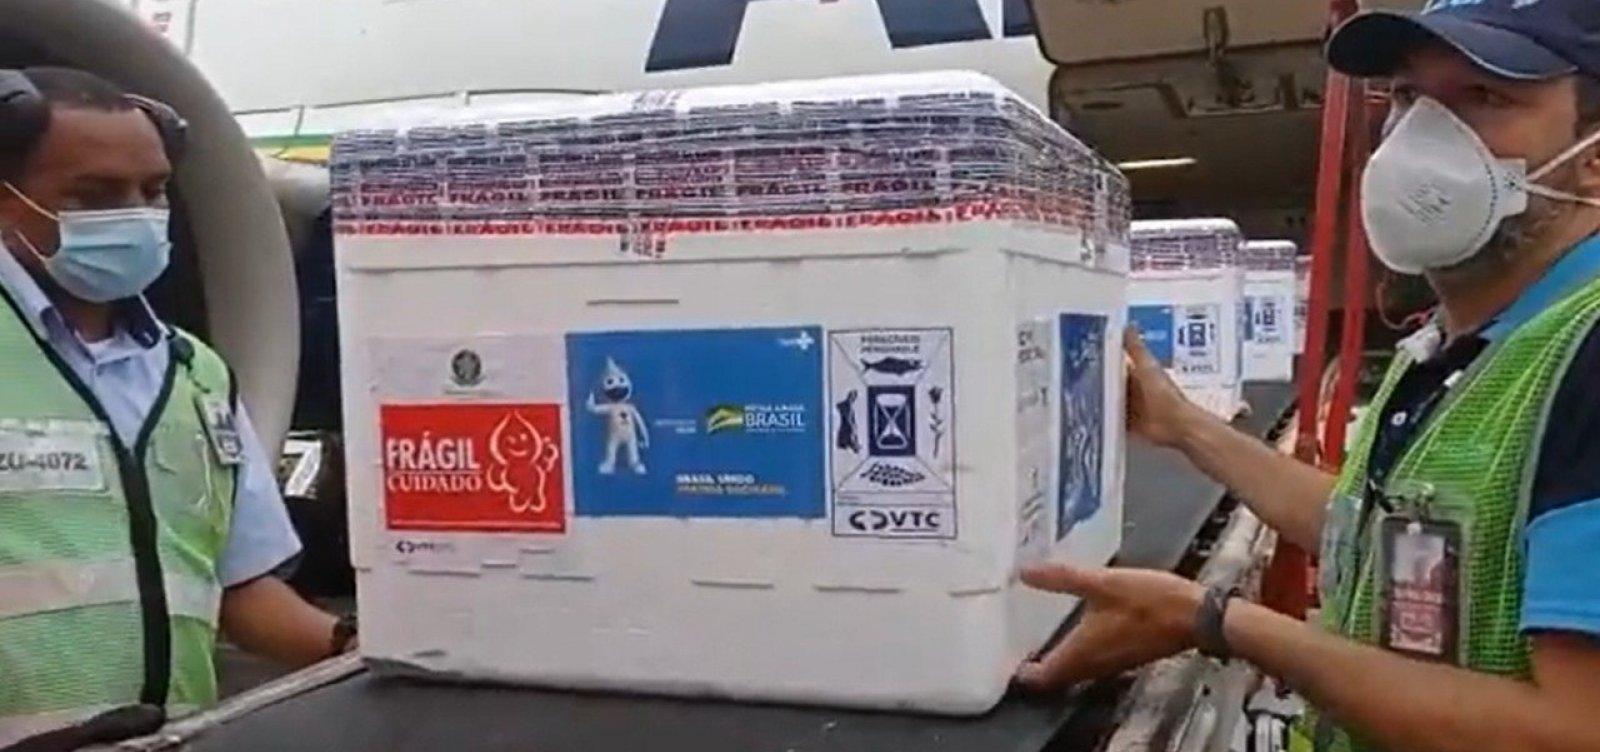 Bahia recebe 65 mil doses de vacina contra Covid-19 nesta sexta